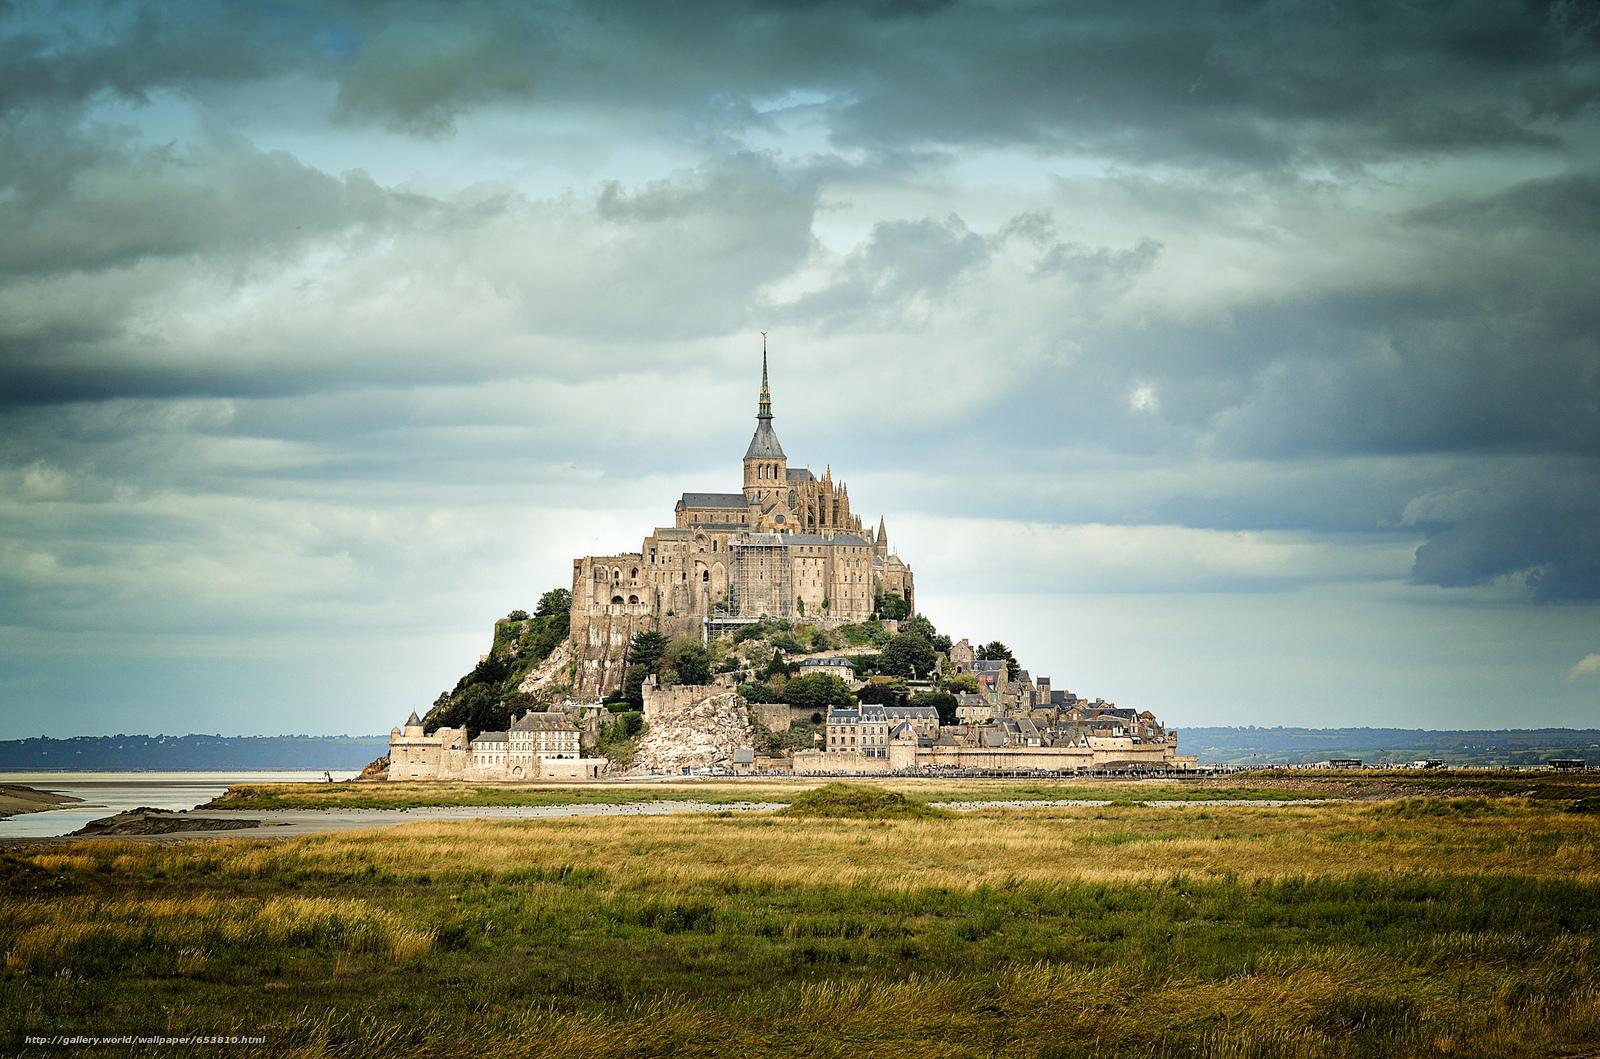 Tlcharger Fond d'ecran Mont Saint-Michel,  Mont Saint-Michel,  France Fonds d'ecran gratuits pour votre rsolution du bureau 2048x1356 — image №653810